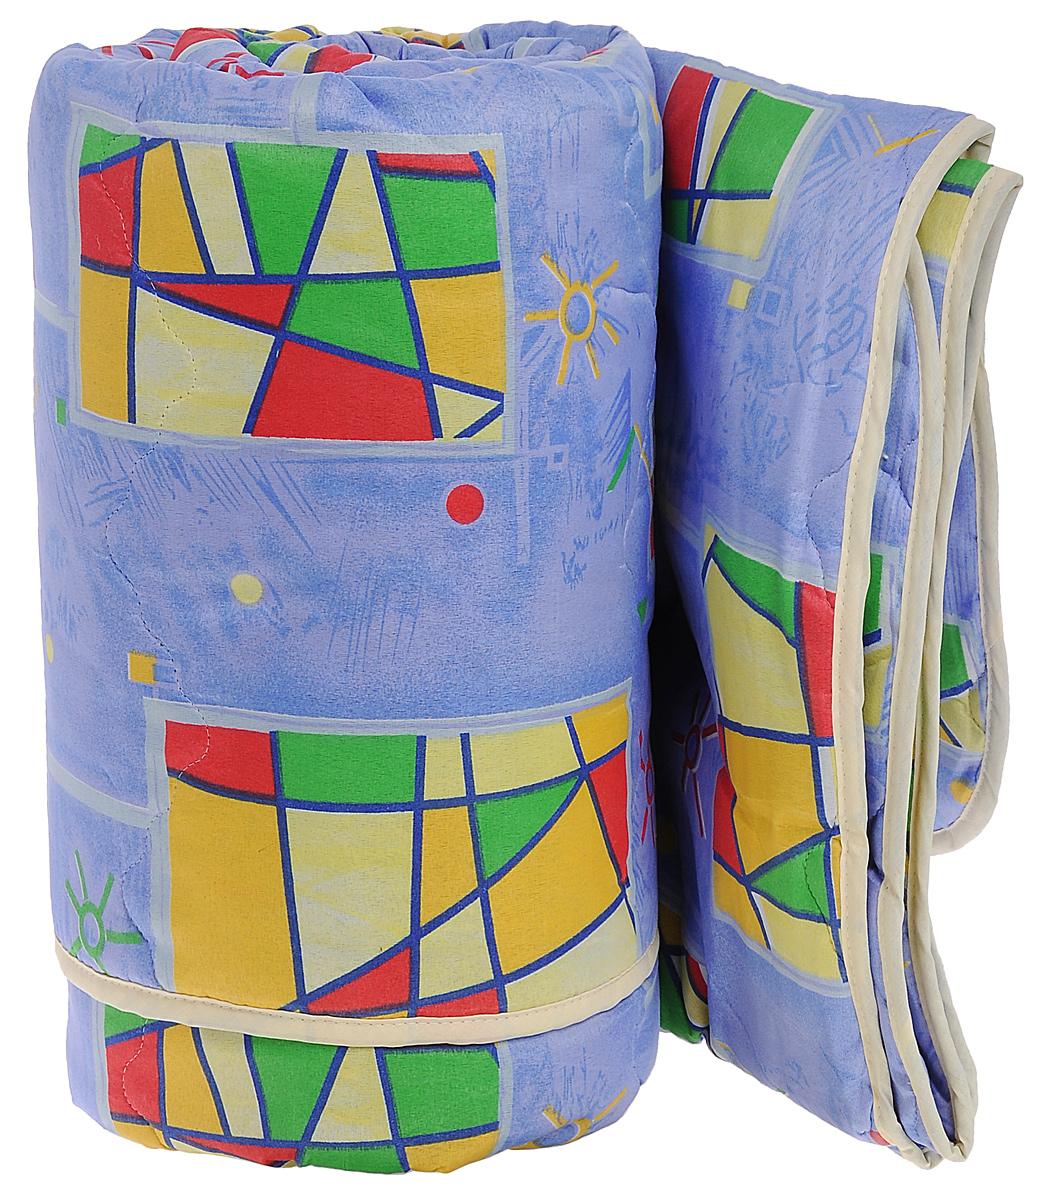 Одеяло всесезонное OL-Tex Miotex, наполнитель: полиэфирное волокно Holfiteks, цвет: сиреневый, желтый, 200 х 220 смМХПЭ-22-3_сиреневыйВсесезонное одеяло OL-Tex Miotex создаст комфорт и уют во время сна. Чехол выполнен из полиэстера и оформлен красочным рисунком. Внутри - современный наполнитель из полиэфирного высокосиликонизированного волокна Holfiteks, упругий и качественный. Прекрасно держит тепло. Одеяло с наполнителем Holfiteks легкое и комфортное. Даже после многократных стирок не теряет свою форму, наполнитель не сбивается, так как одеяло простегано и окантовано. Не вызывает аллергии. Holfiteks - это возможность легко ухаживать за своими постельными принадлежностями. Можно стирать в машинке, изделия быстро и полностью высыхают - это обеспечивает гигиену спального места при невысокой цене на продукцию. Плотность: 300 г/м2.